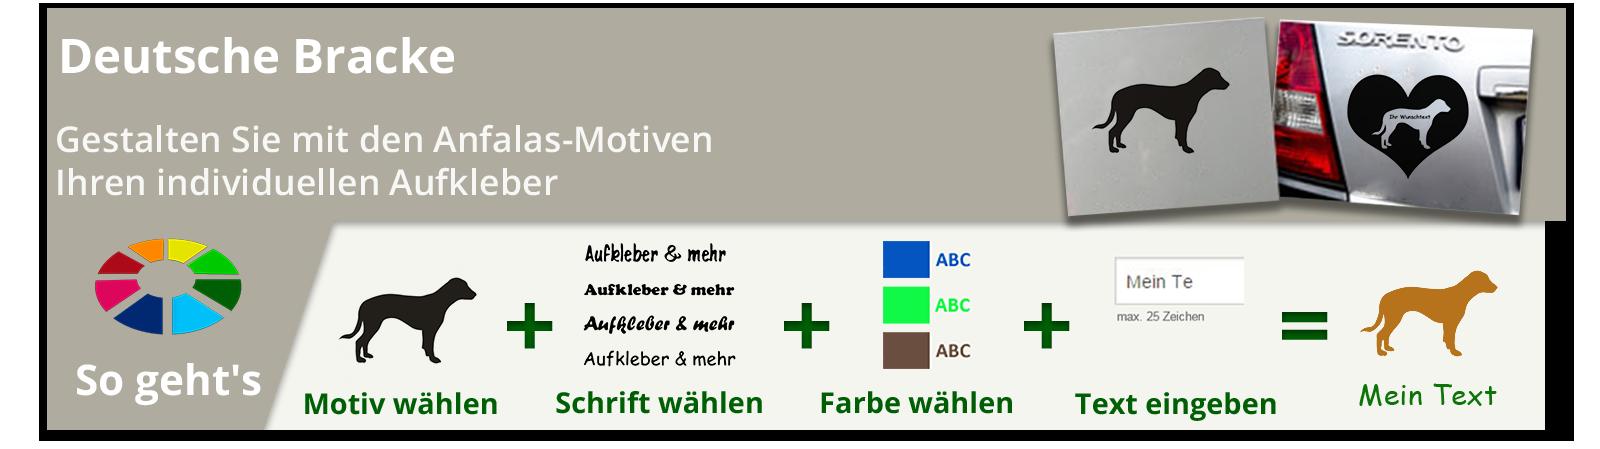 Deutsche Bracke Aufkleber